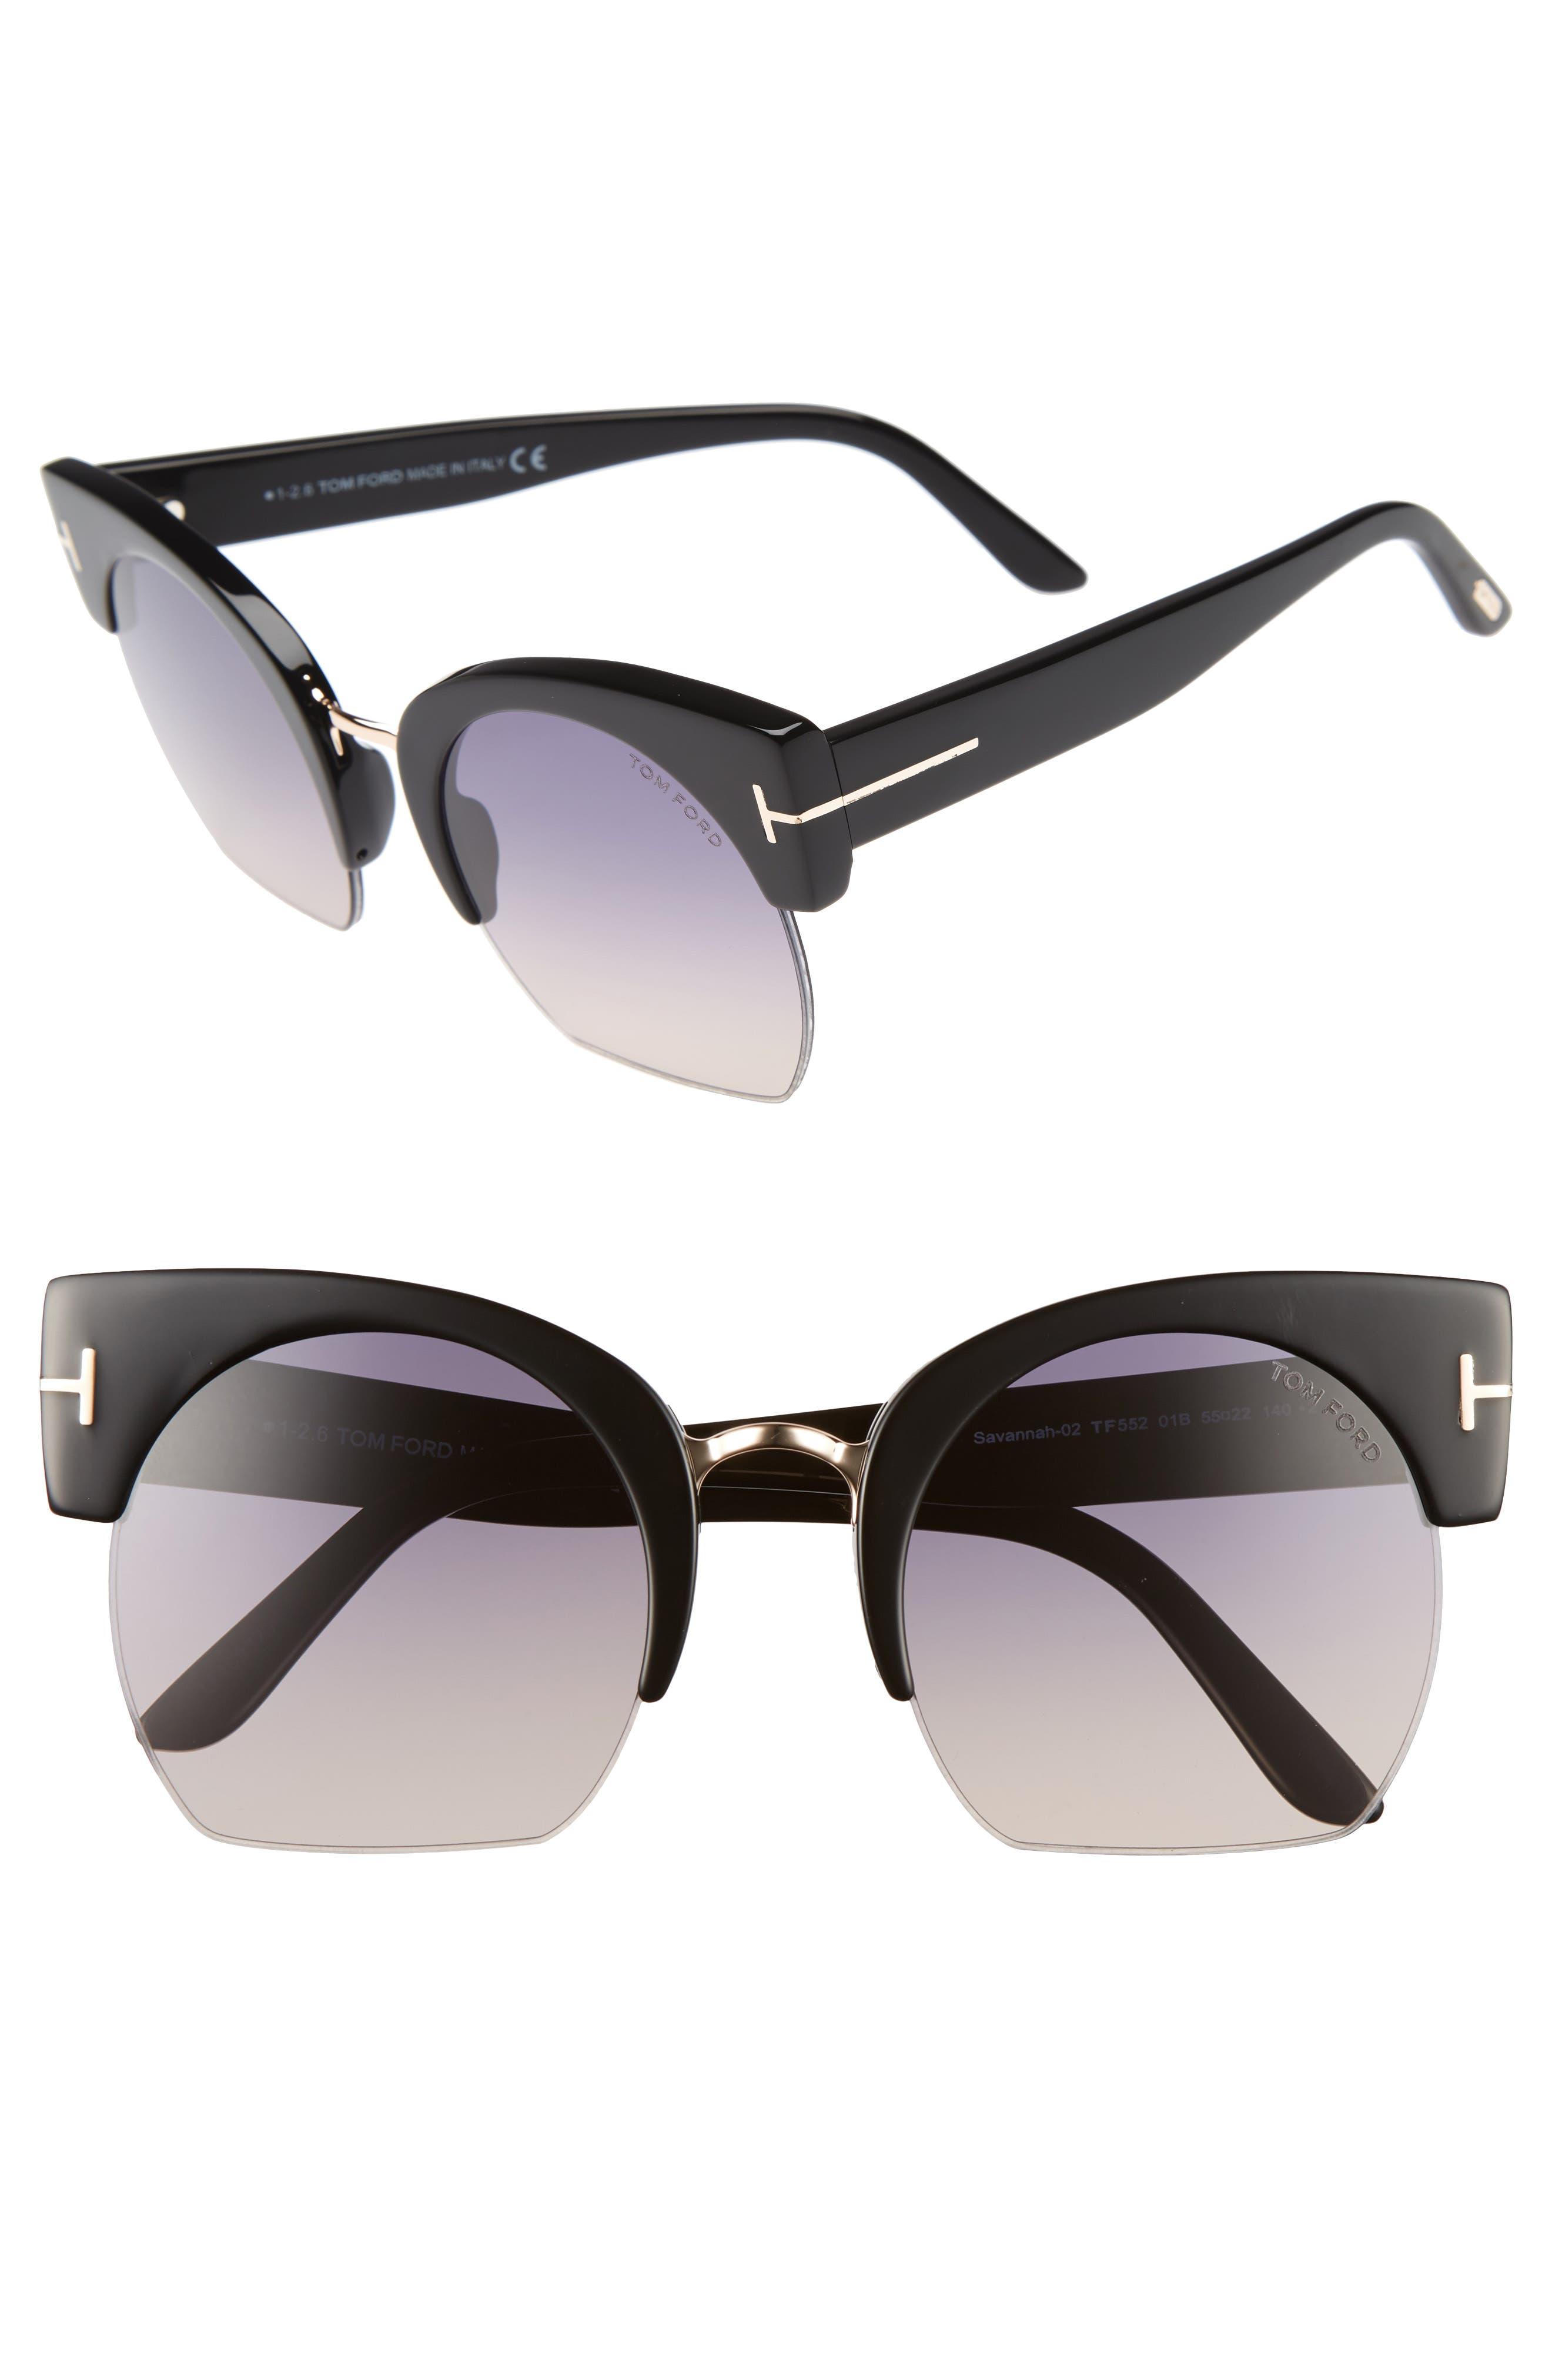 Savannah 55mm Cat Eye Sunglasses,                         Main,                         color, 001